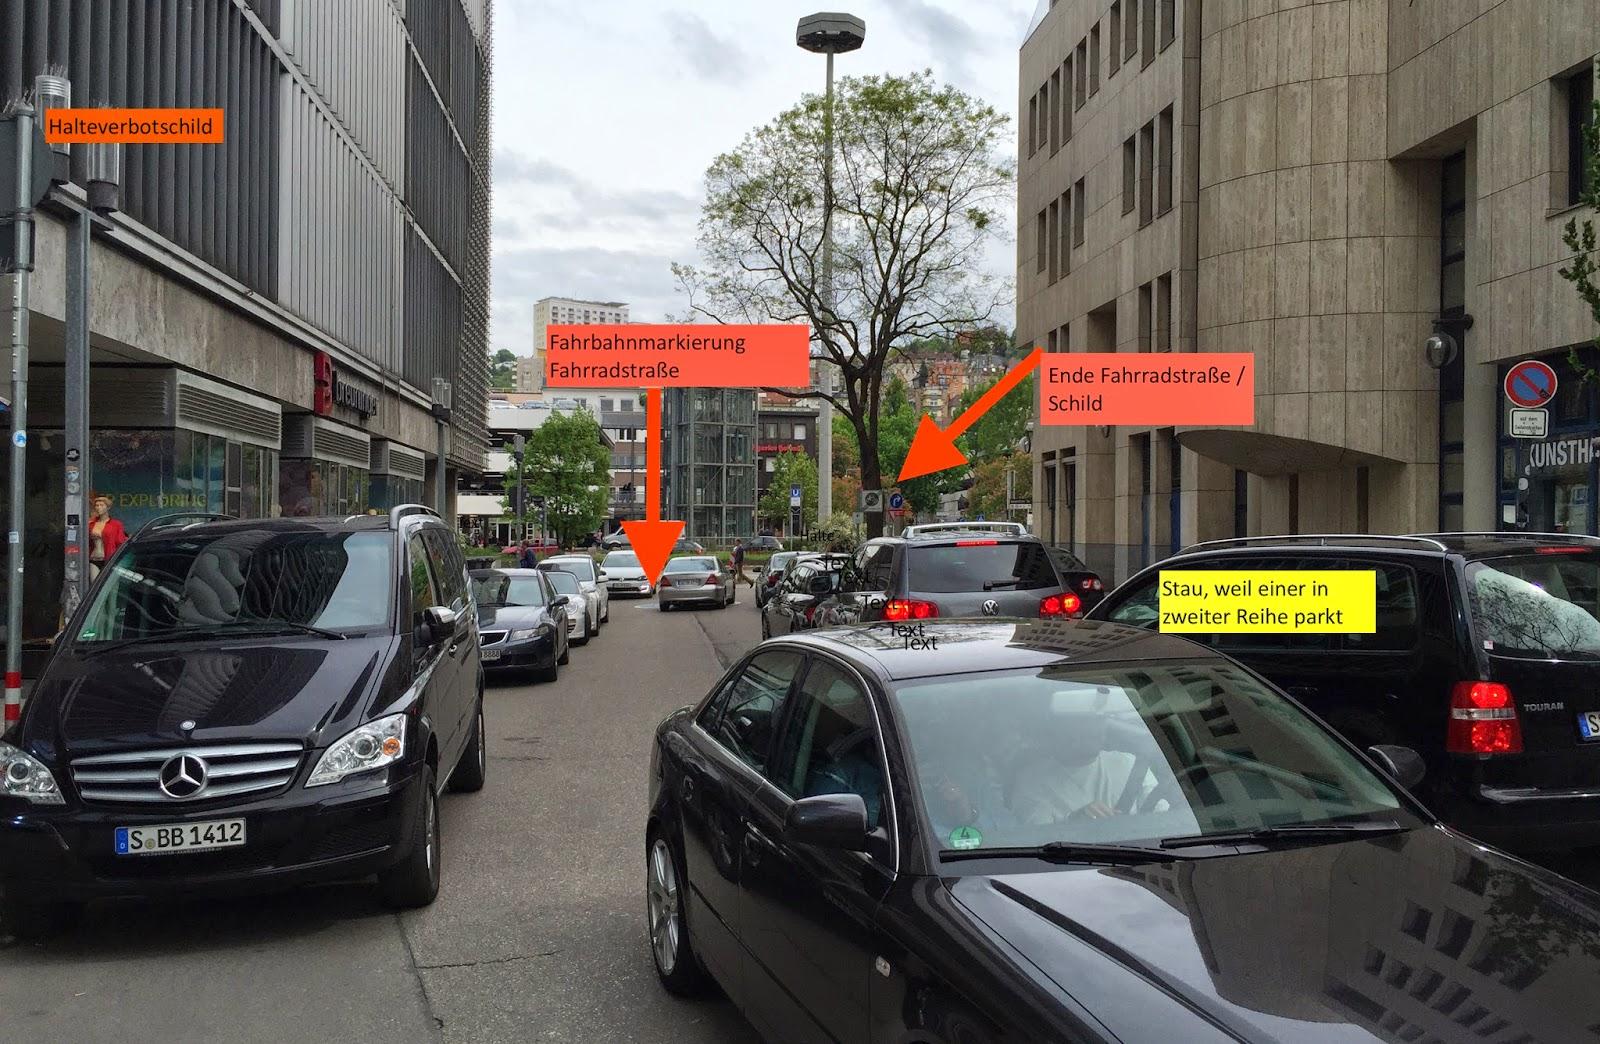 Radfahren in Stuttgart: Autofahrer versetzt Radler einen Kopfstoß